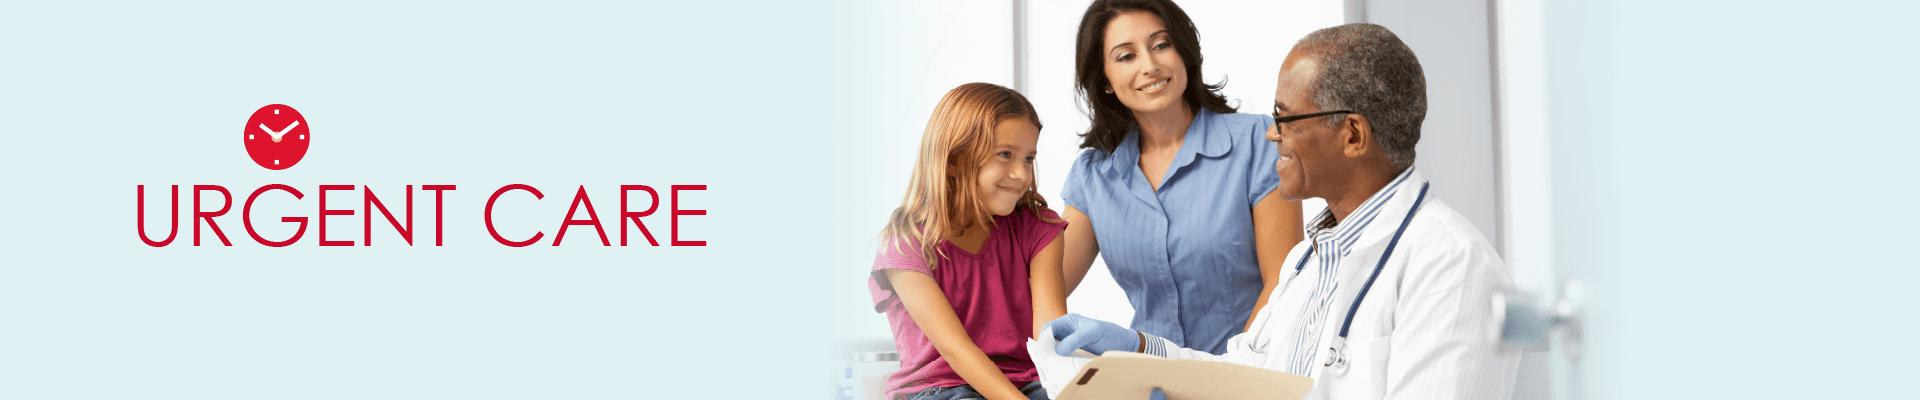 MedPoint Urgent Care